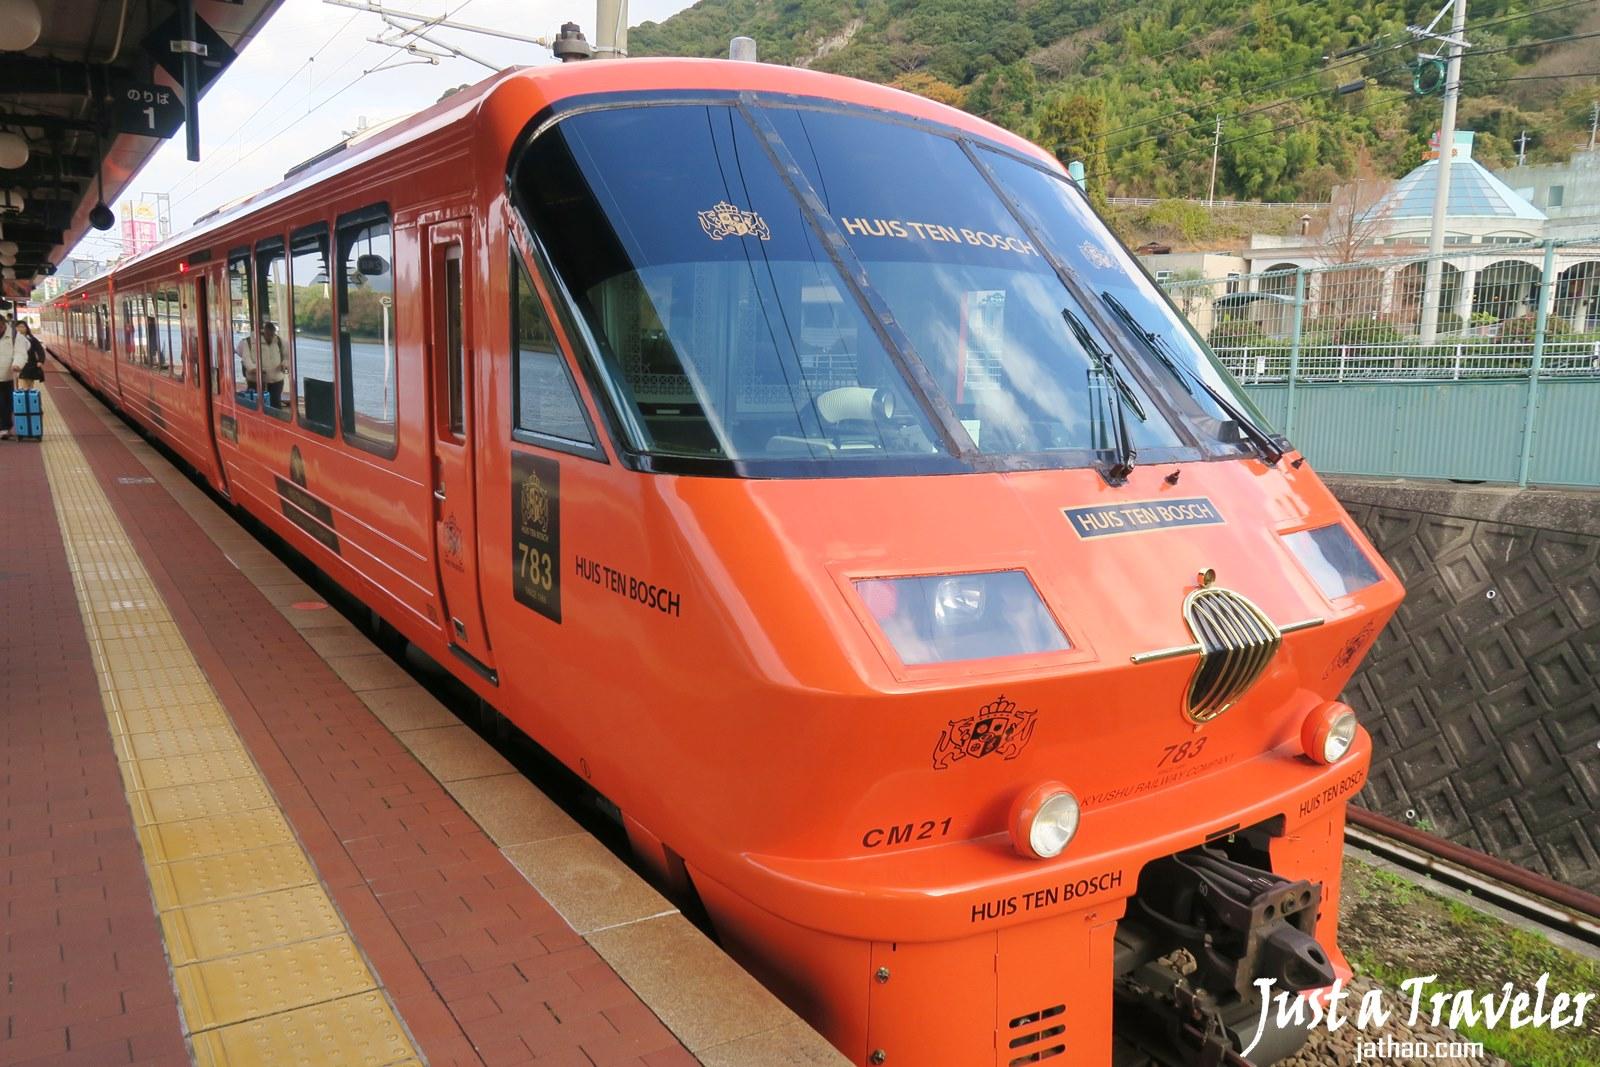 九州-長崎-景點-推薦-豪斯登堡交通-豪斯登堡行程-豪斯登堡攻略-豪斯登堡一日遊-JR-火車-旅遊-自由行-Kyushu-Huis Ten Bosch-Travel-Japan